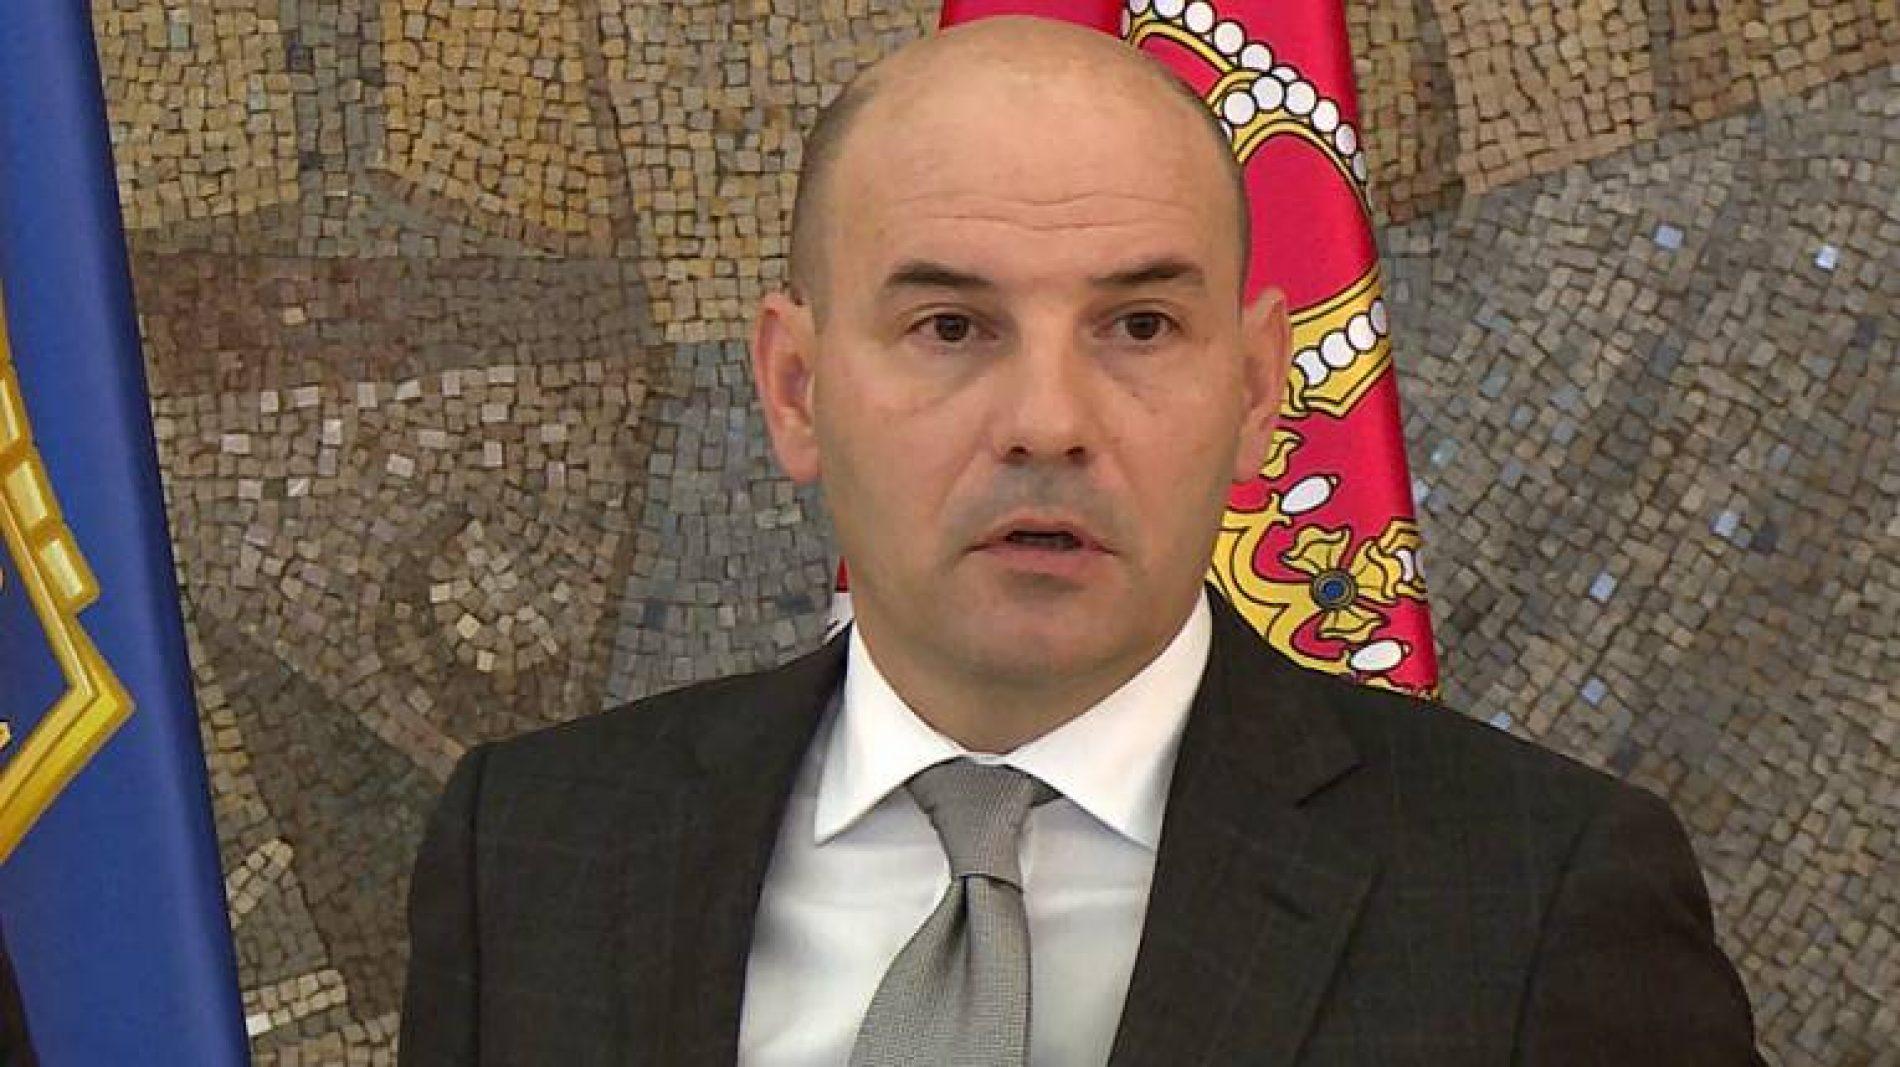 Vučićev obavještajac hitno pozvan u Beograd, otkazan sastanak sa Džaferovićem